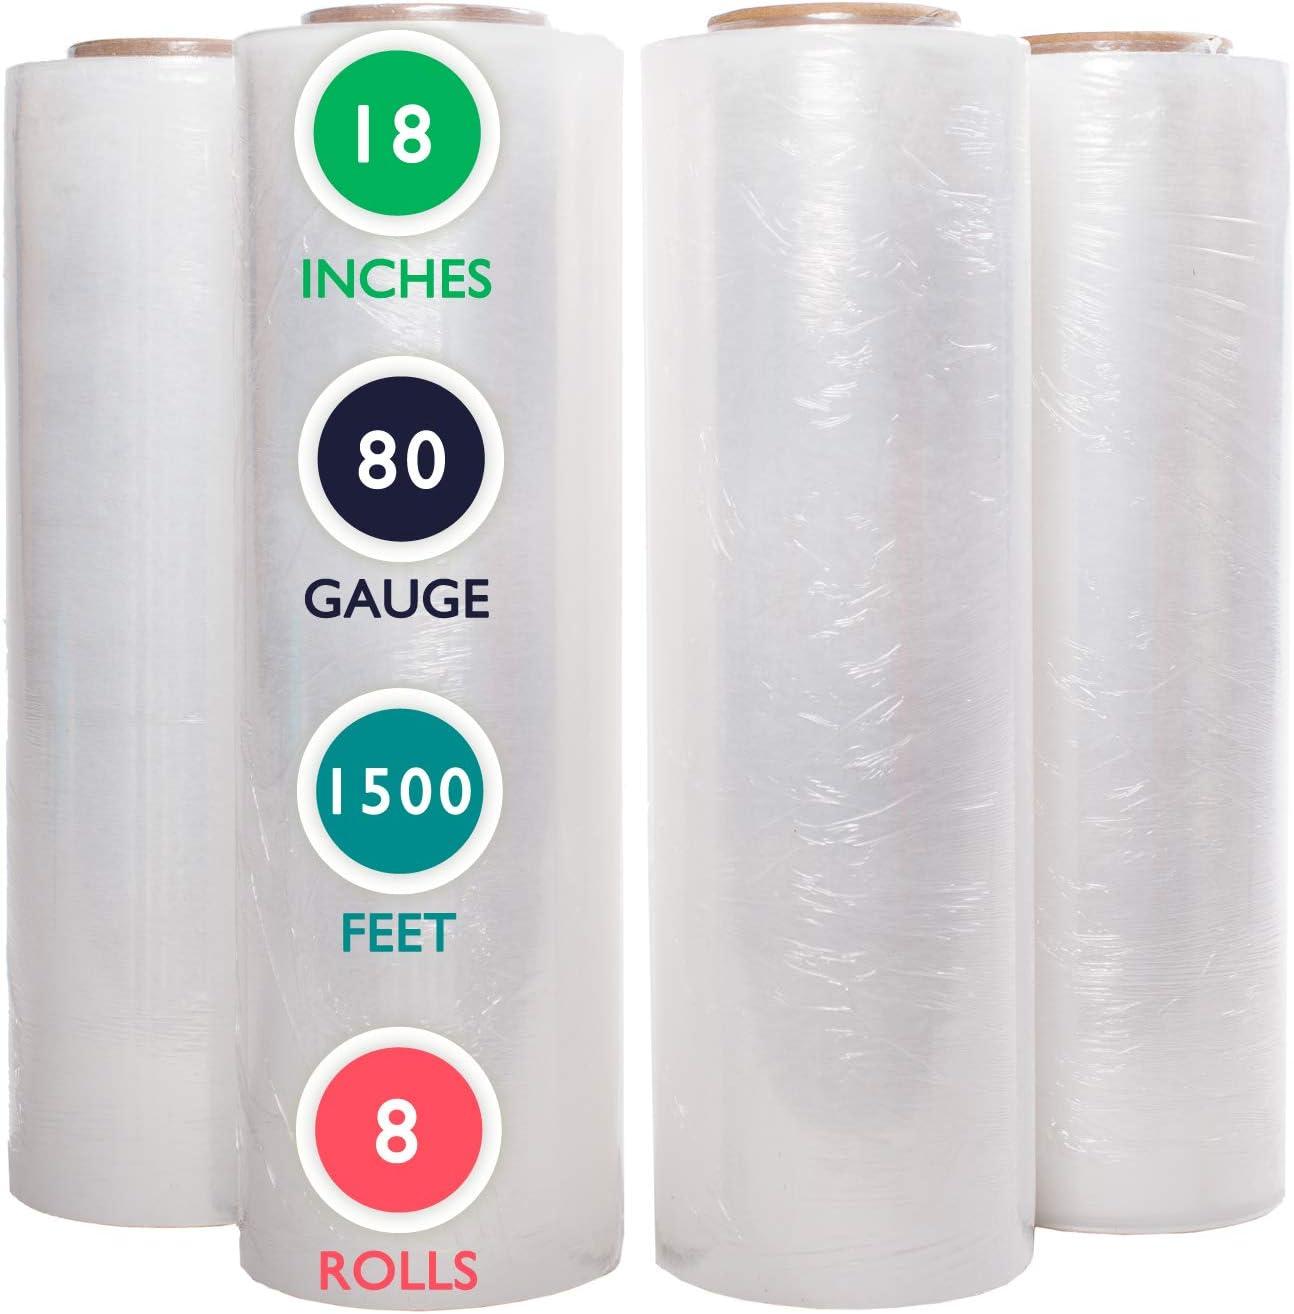 80 Gauge Plastic Cling Wrap 192 Rolls Stretch Wrap Film Black 18 Inch x 1500 Feet